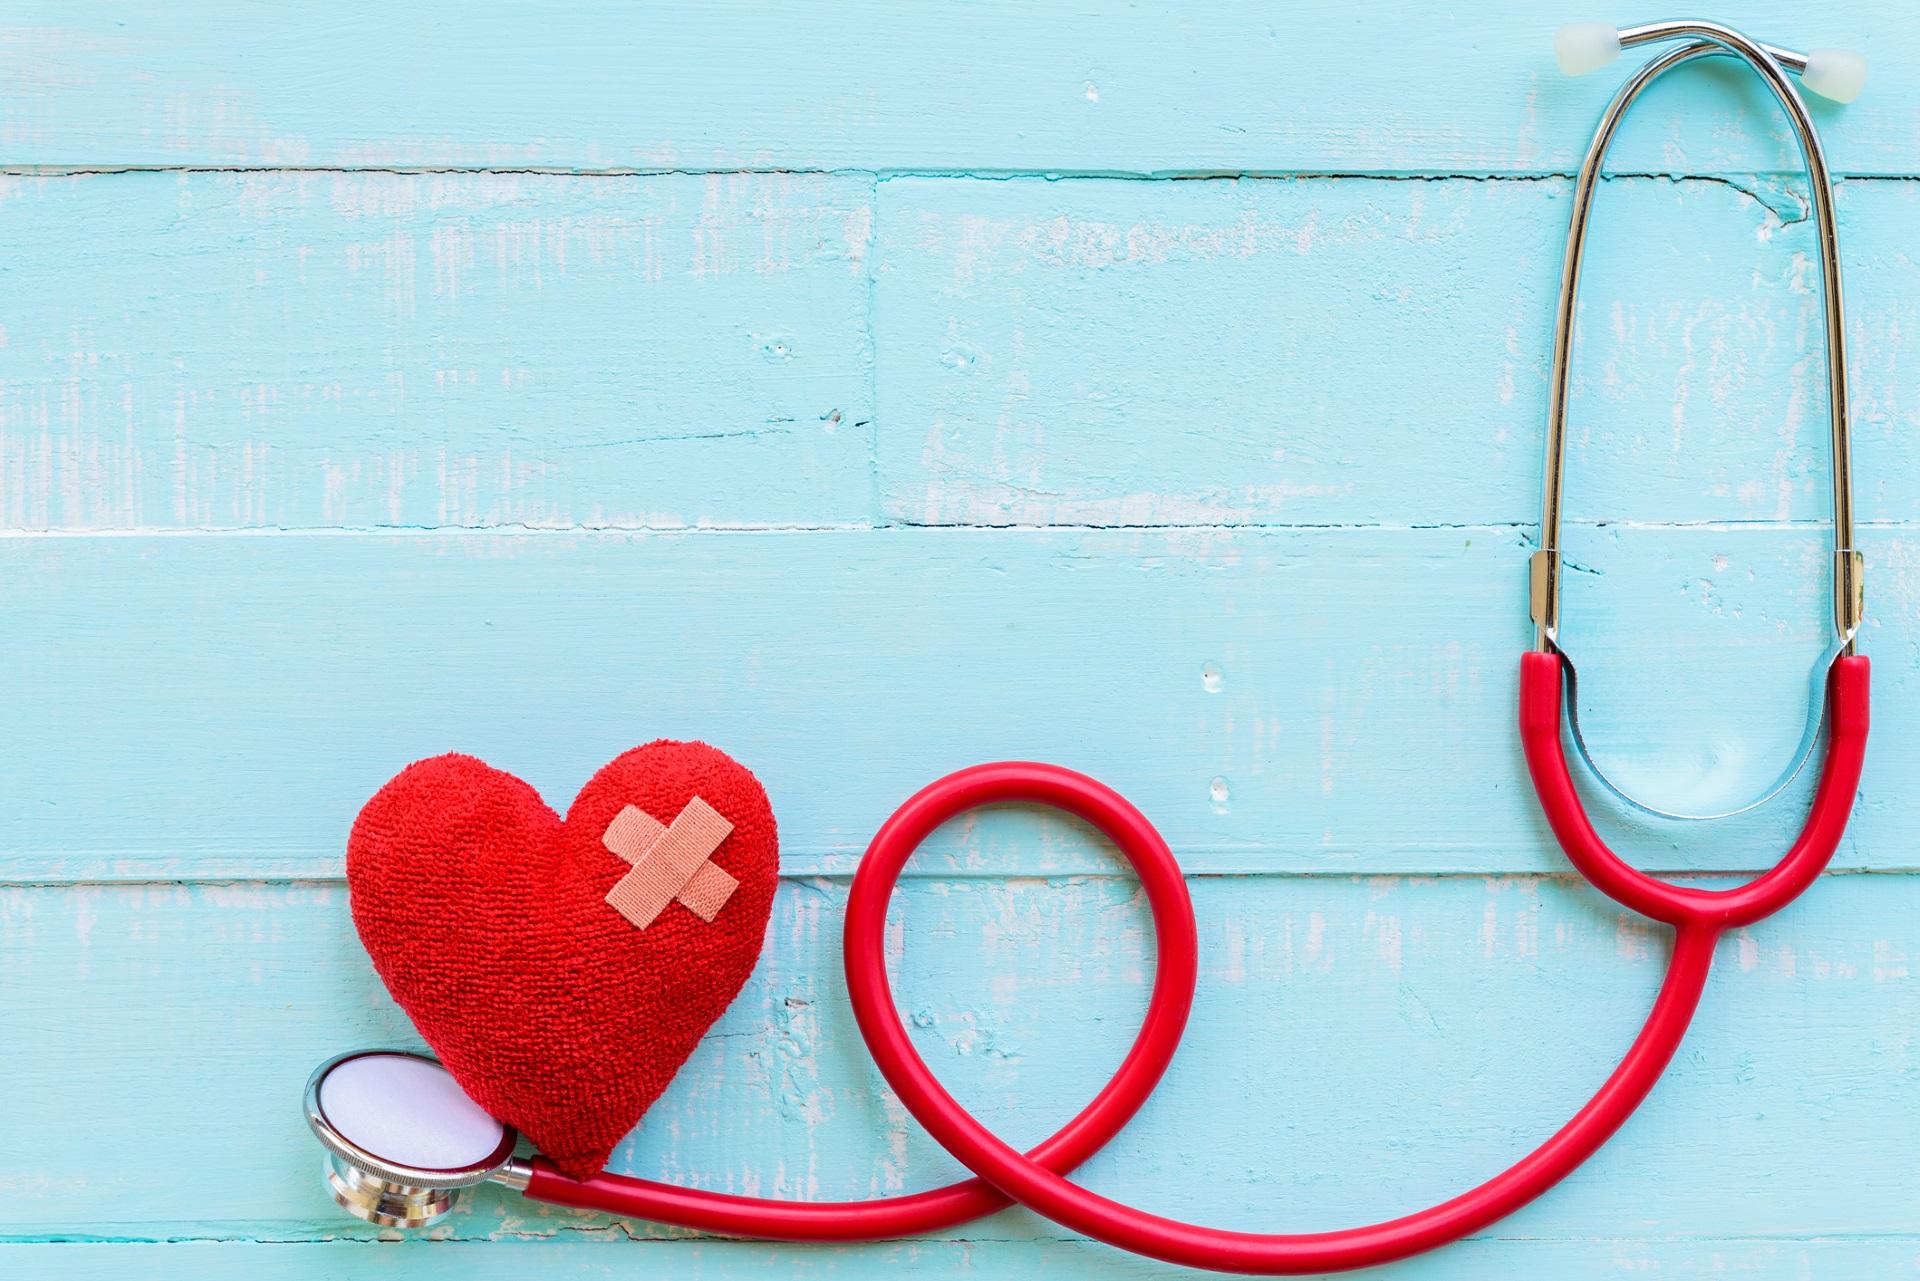 2. Девет пъти по-малко е живял човекът с първото трансплантирано сърце